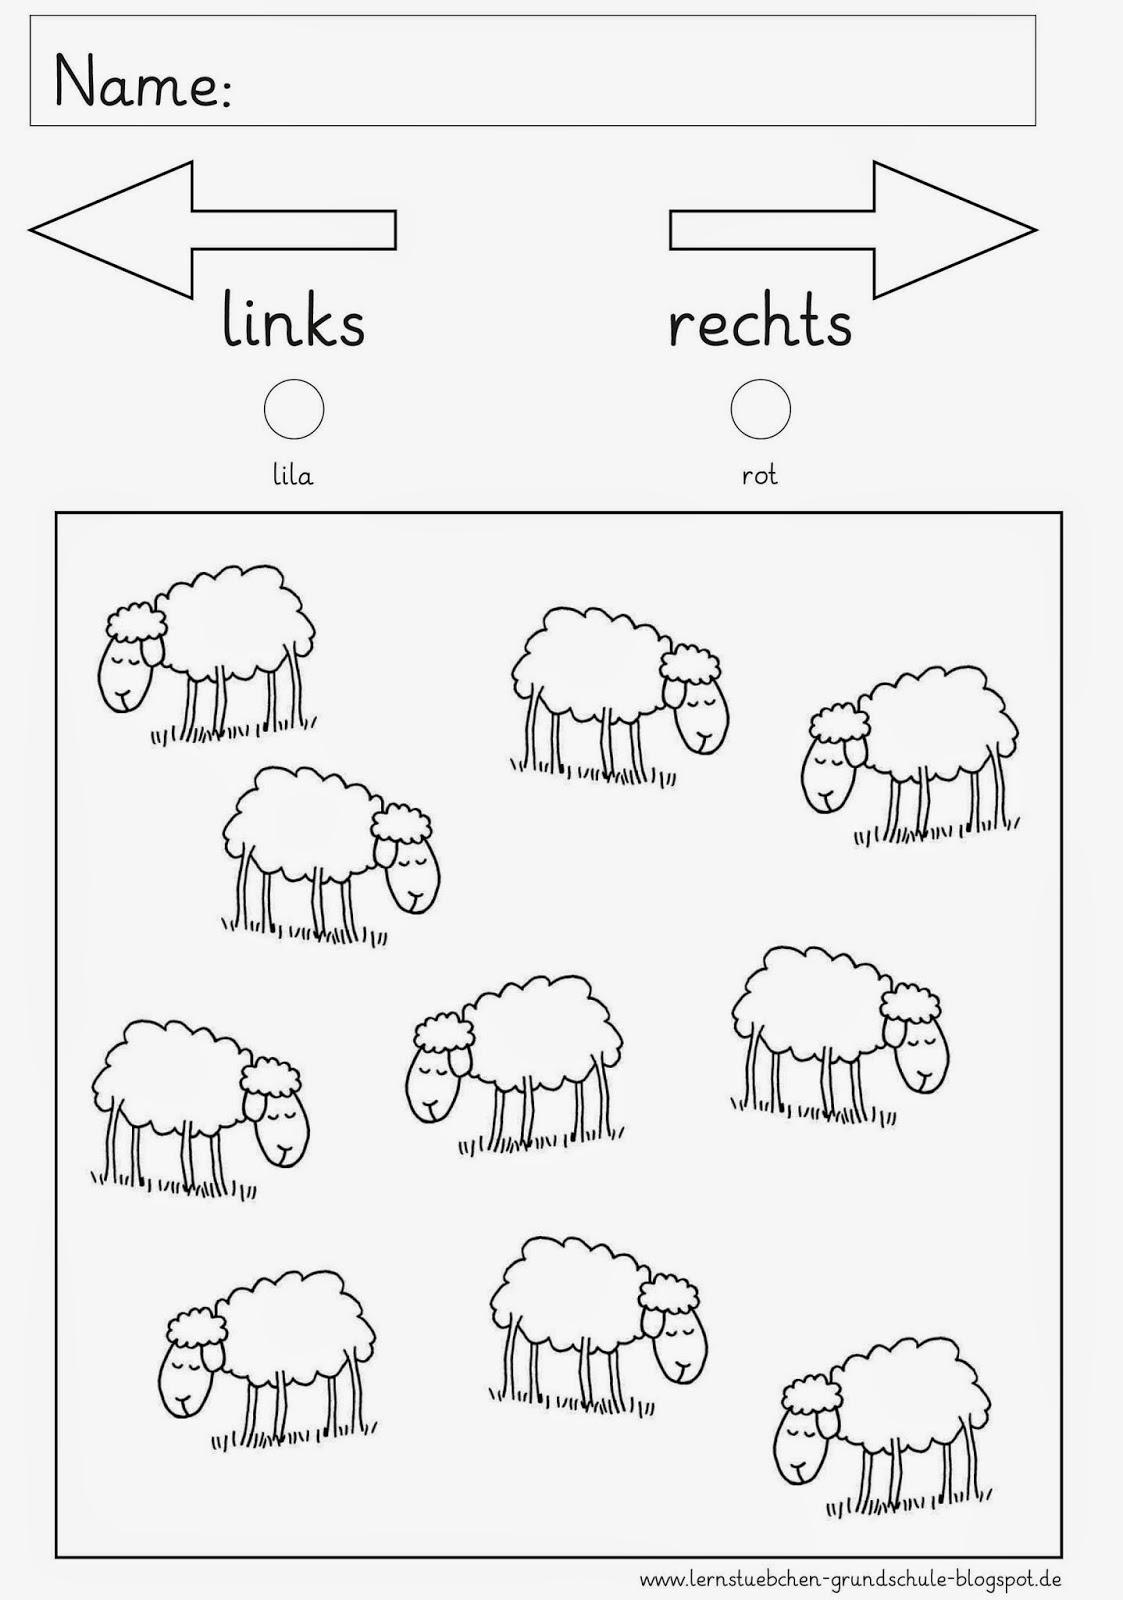 Lernstübchen: rechts und links